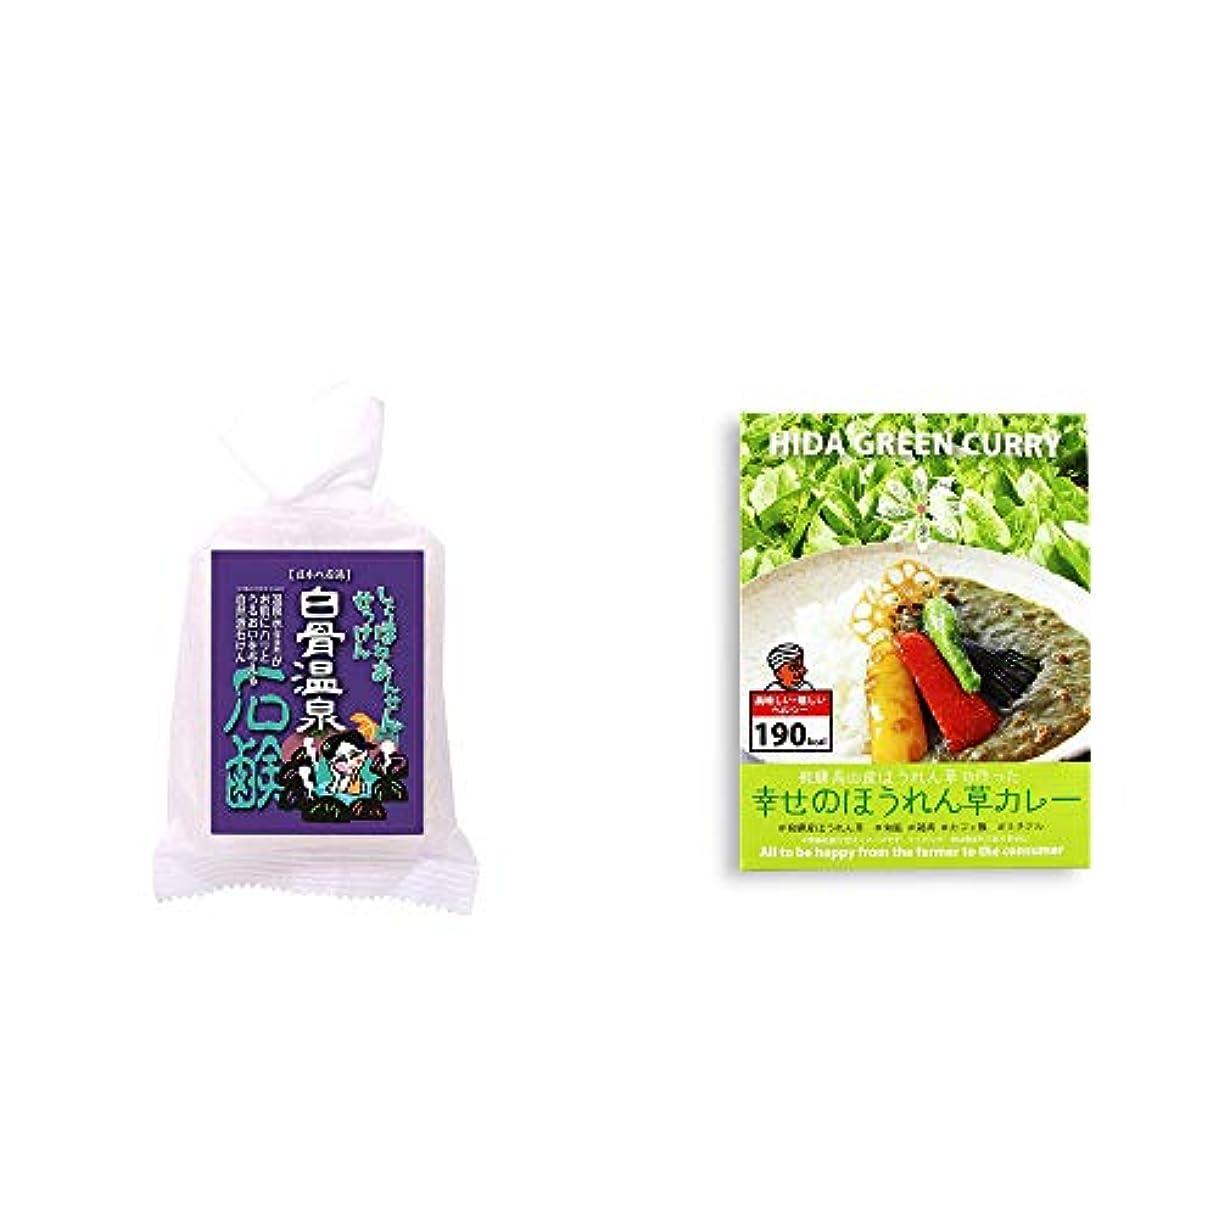 マトン抵抗する肝[2点セット] 信州 白骨温泉石鹸(80g)?飛騨産 幸せのほうれん草カレー(180g)